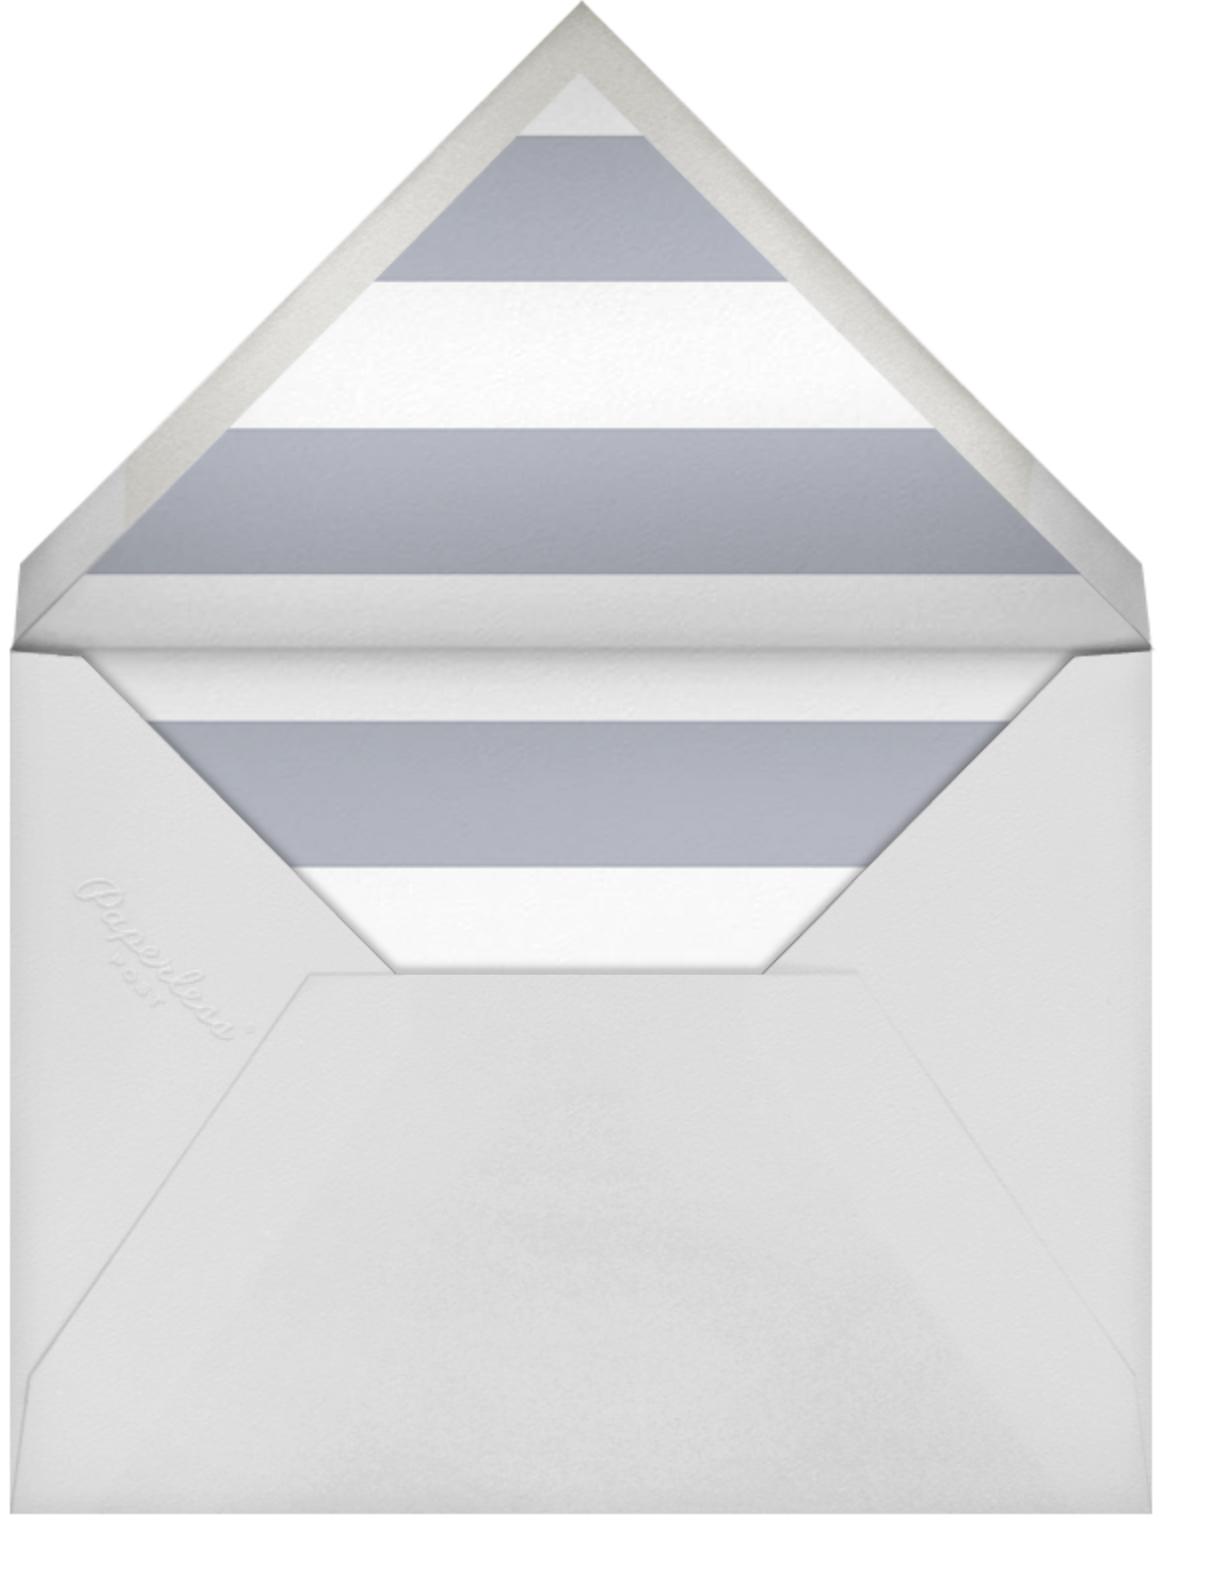 Big Dot Bridal - Silver - Sugar Paper - Bridal shower - envelope back